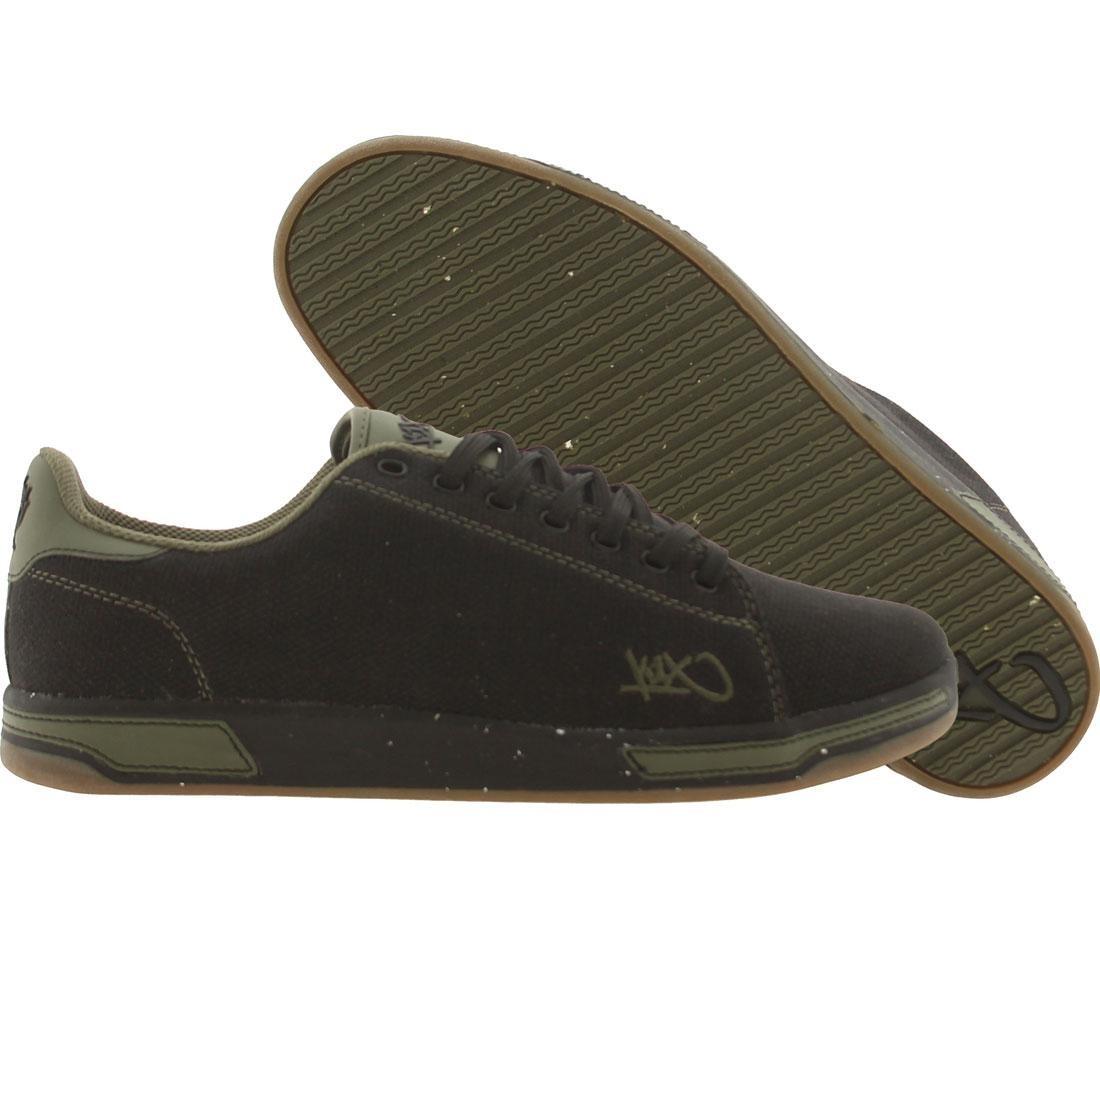 【海外限定】クラブ メンズ靴 靴 【 K1X CLUB SELECAO LIVITY BLACK OLIVE 】